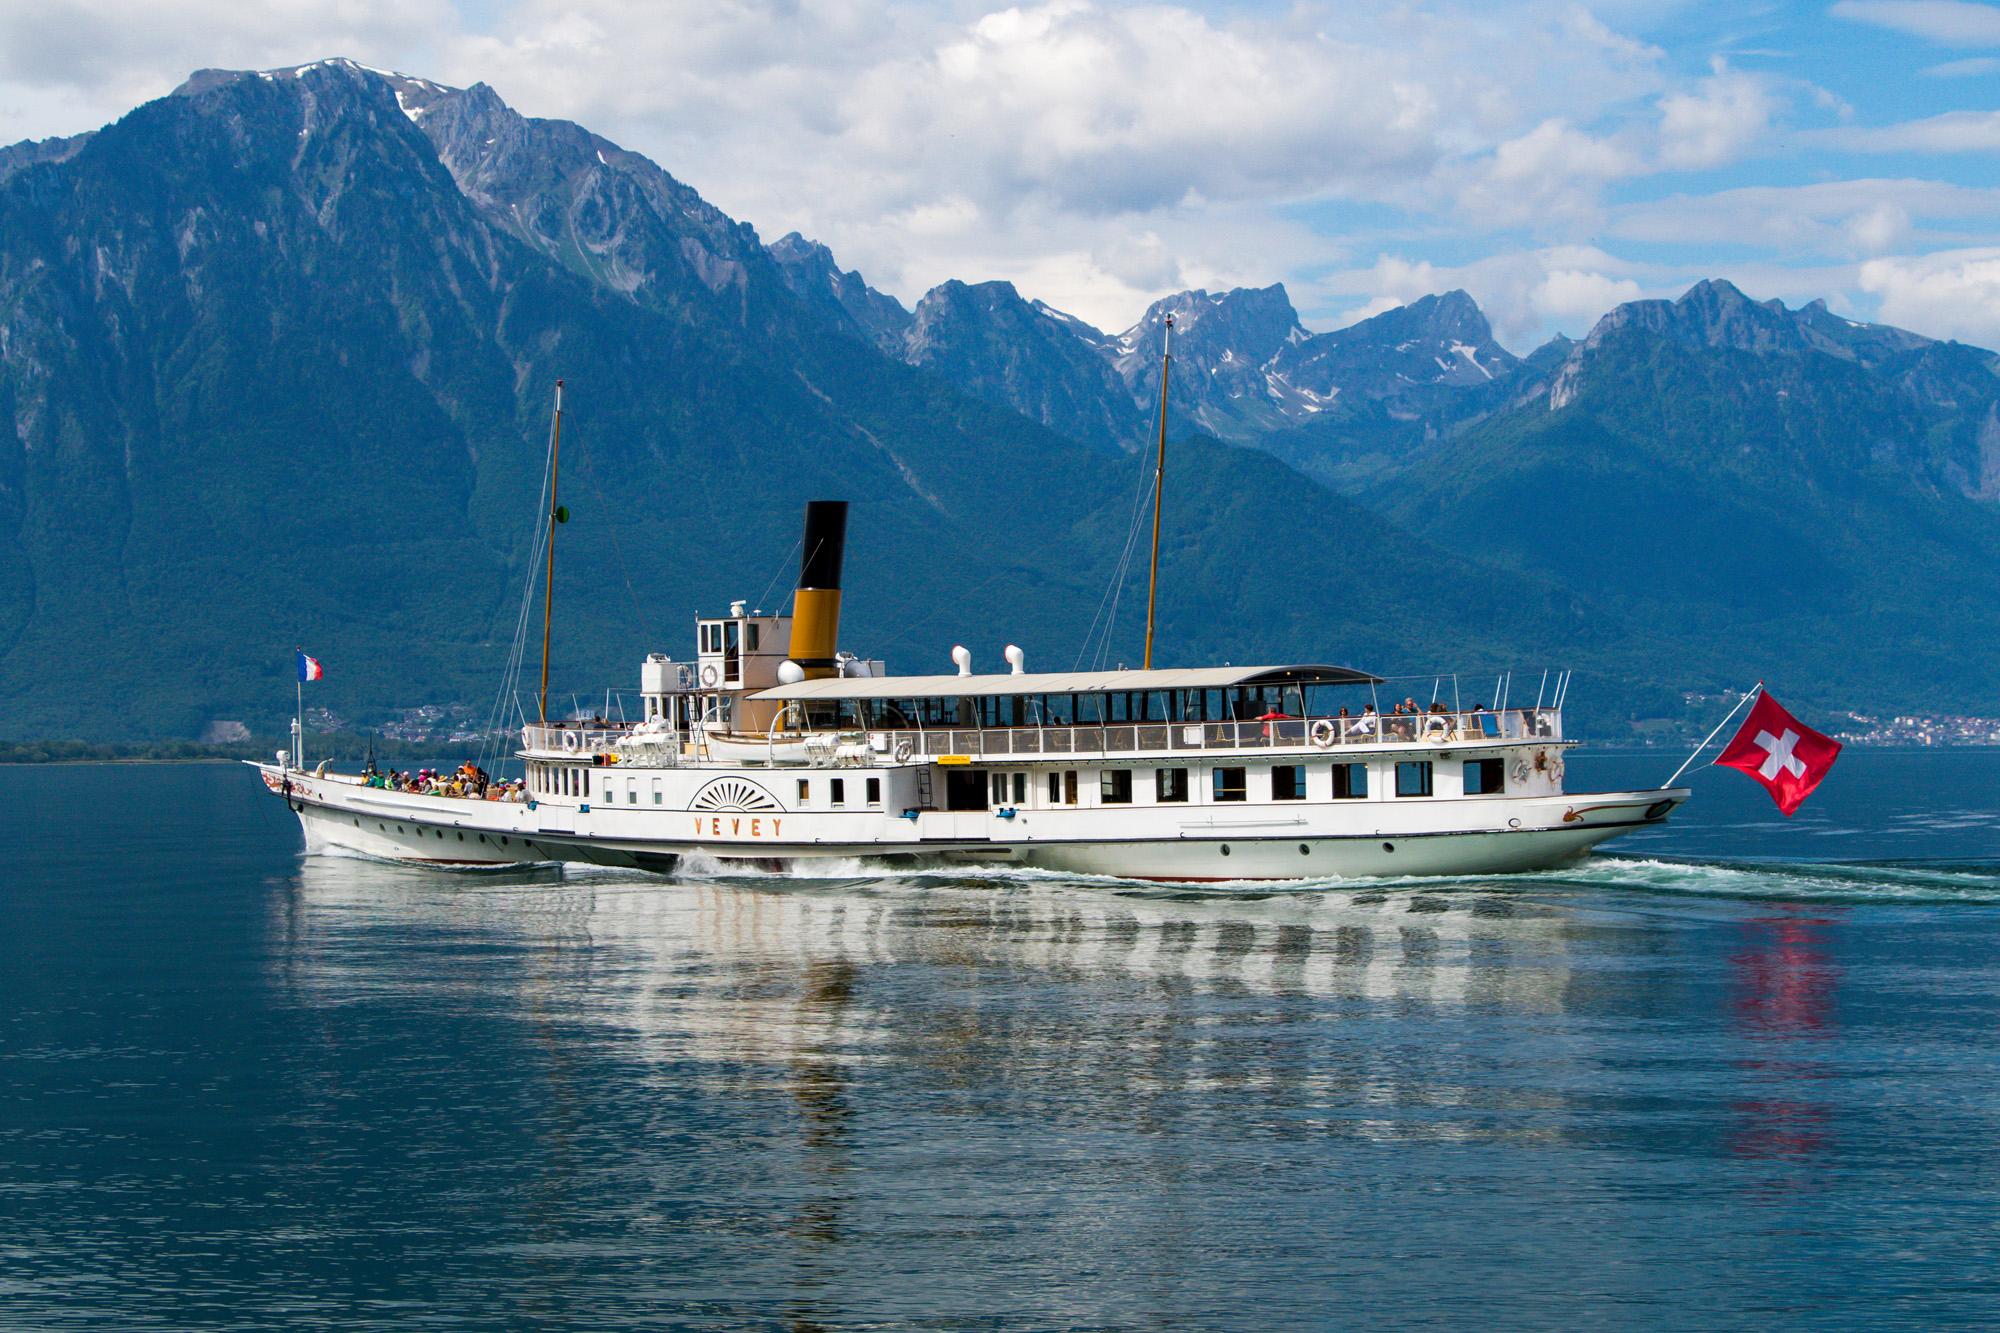 Stilvoll über den See gleitet das Schaufelrad-Schiff MS Vevey, erbaut 1907!